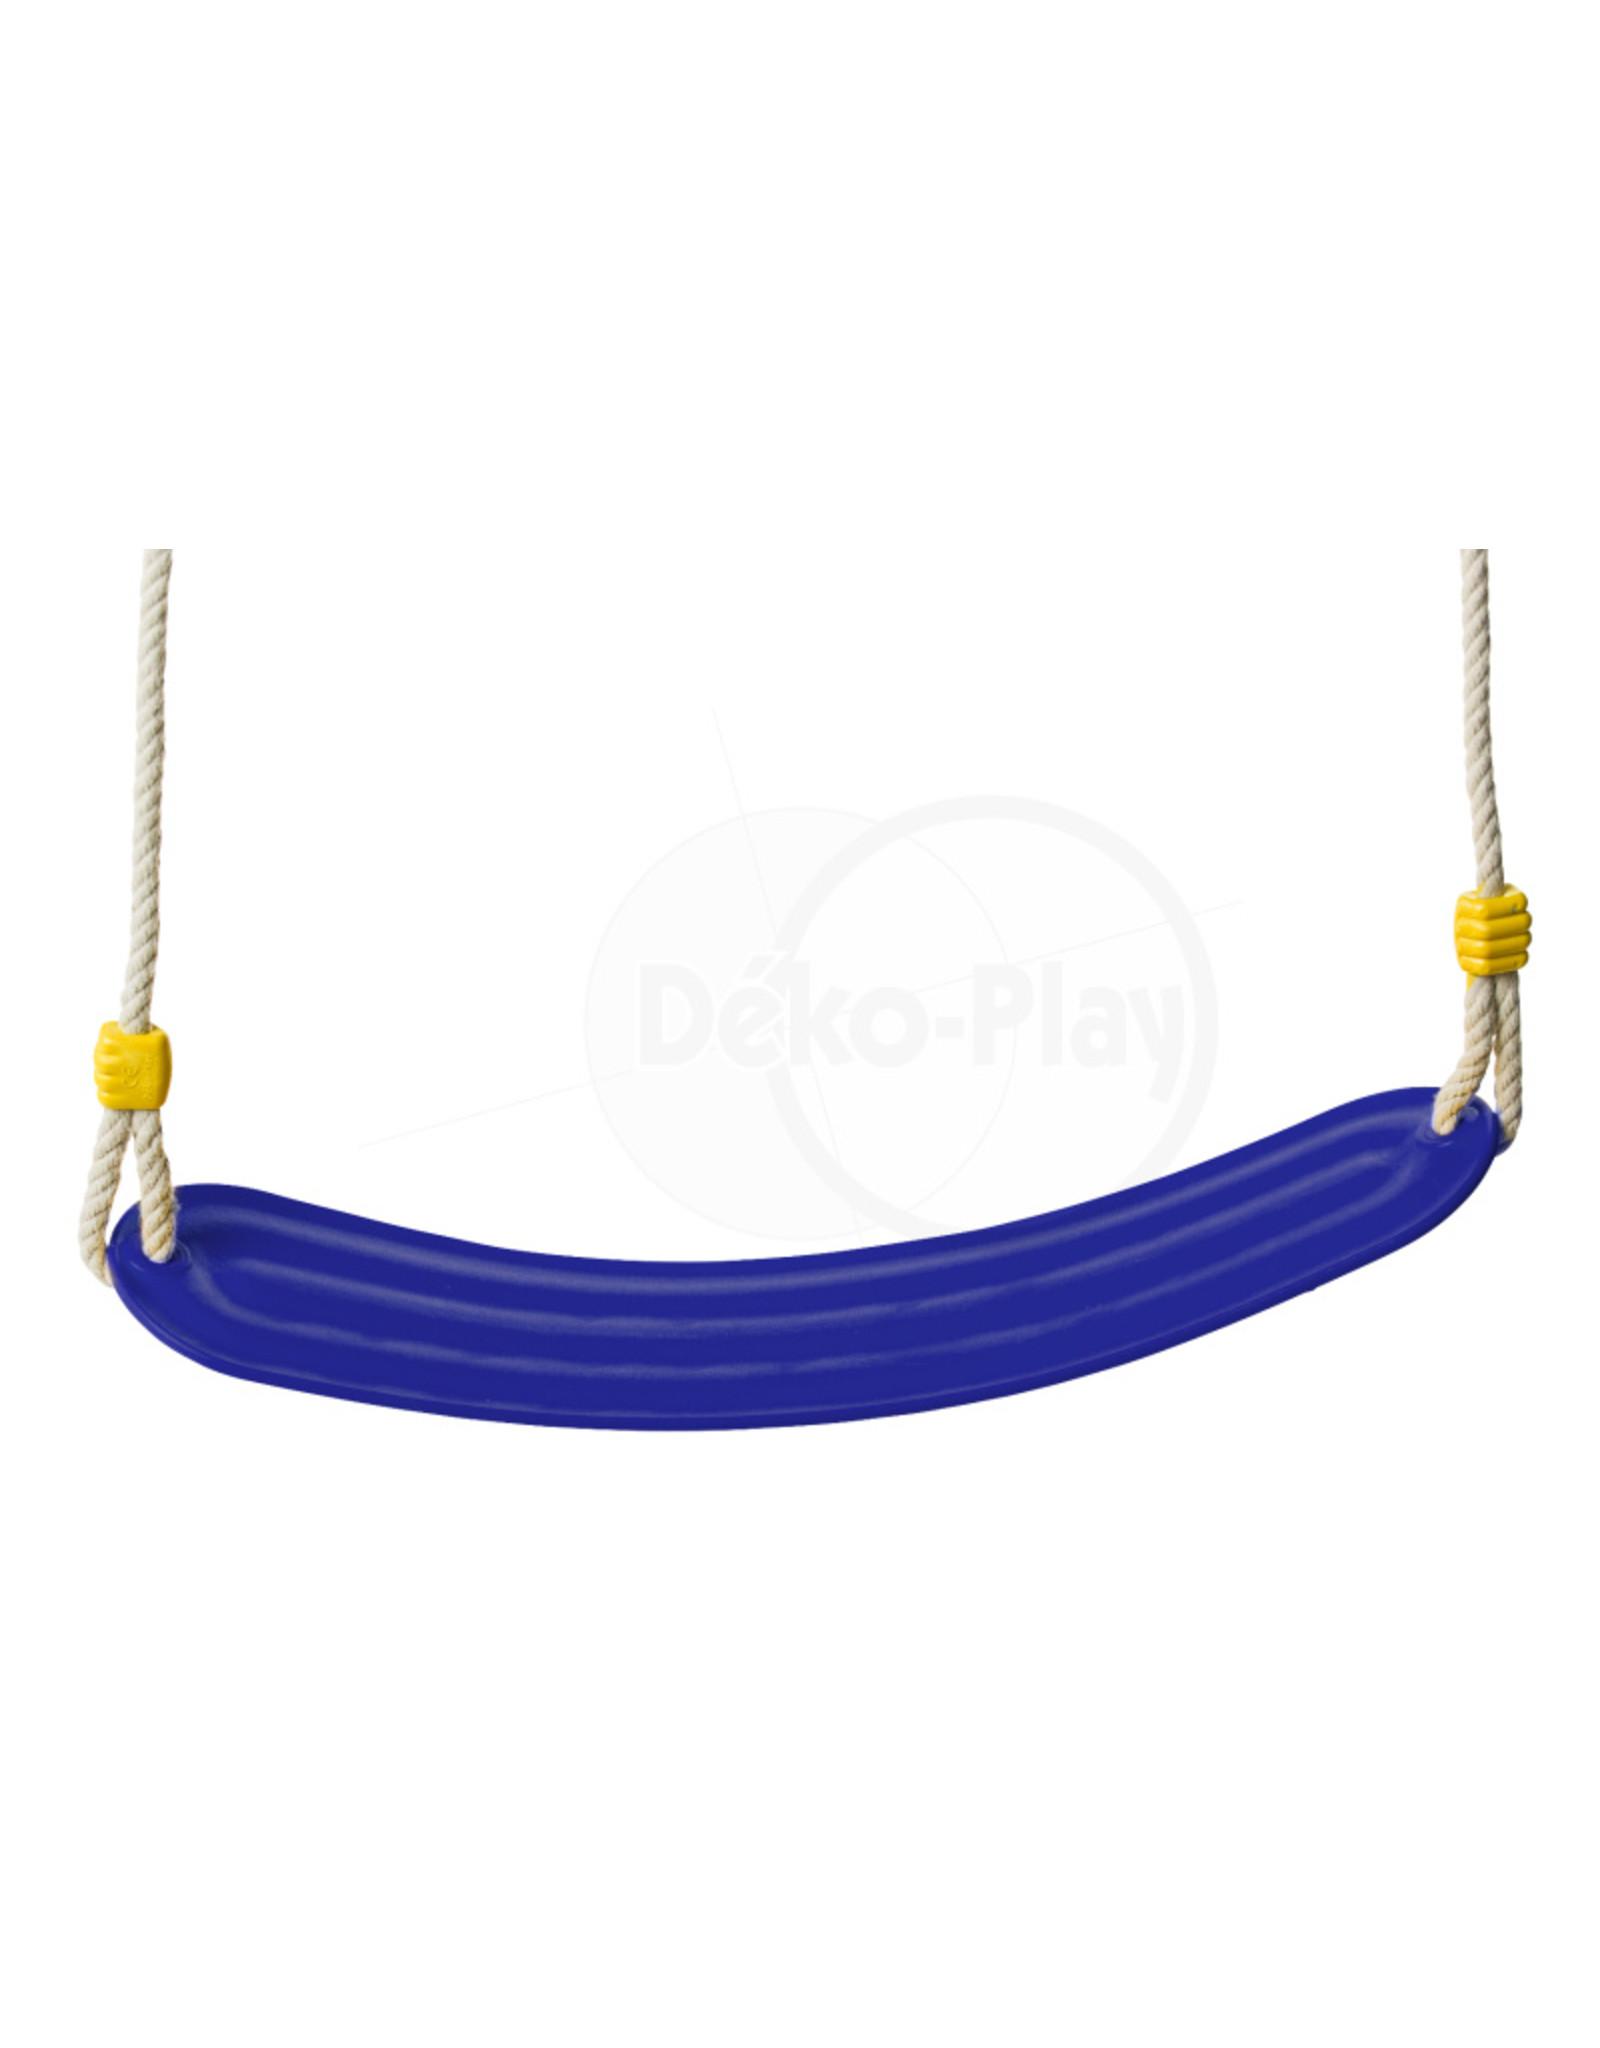 Déko-Play Déko-Play schommelzitje flexibel kunststof blauw